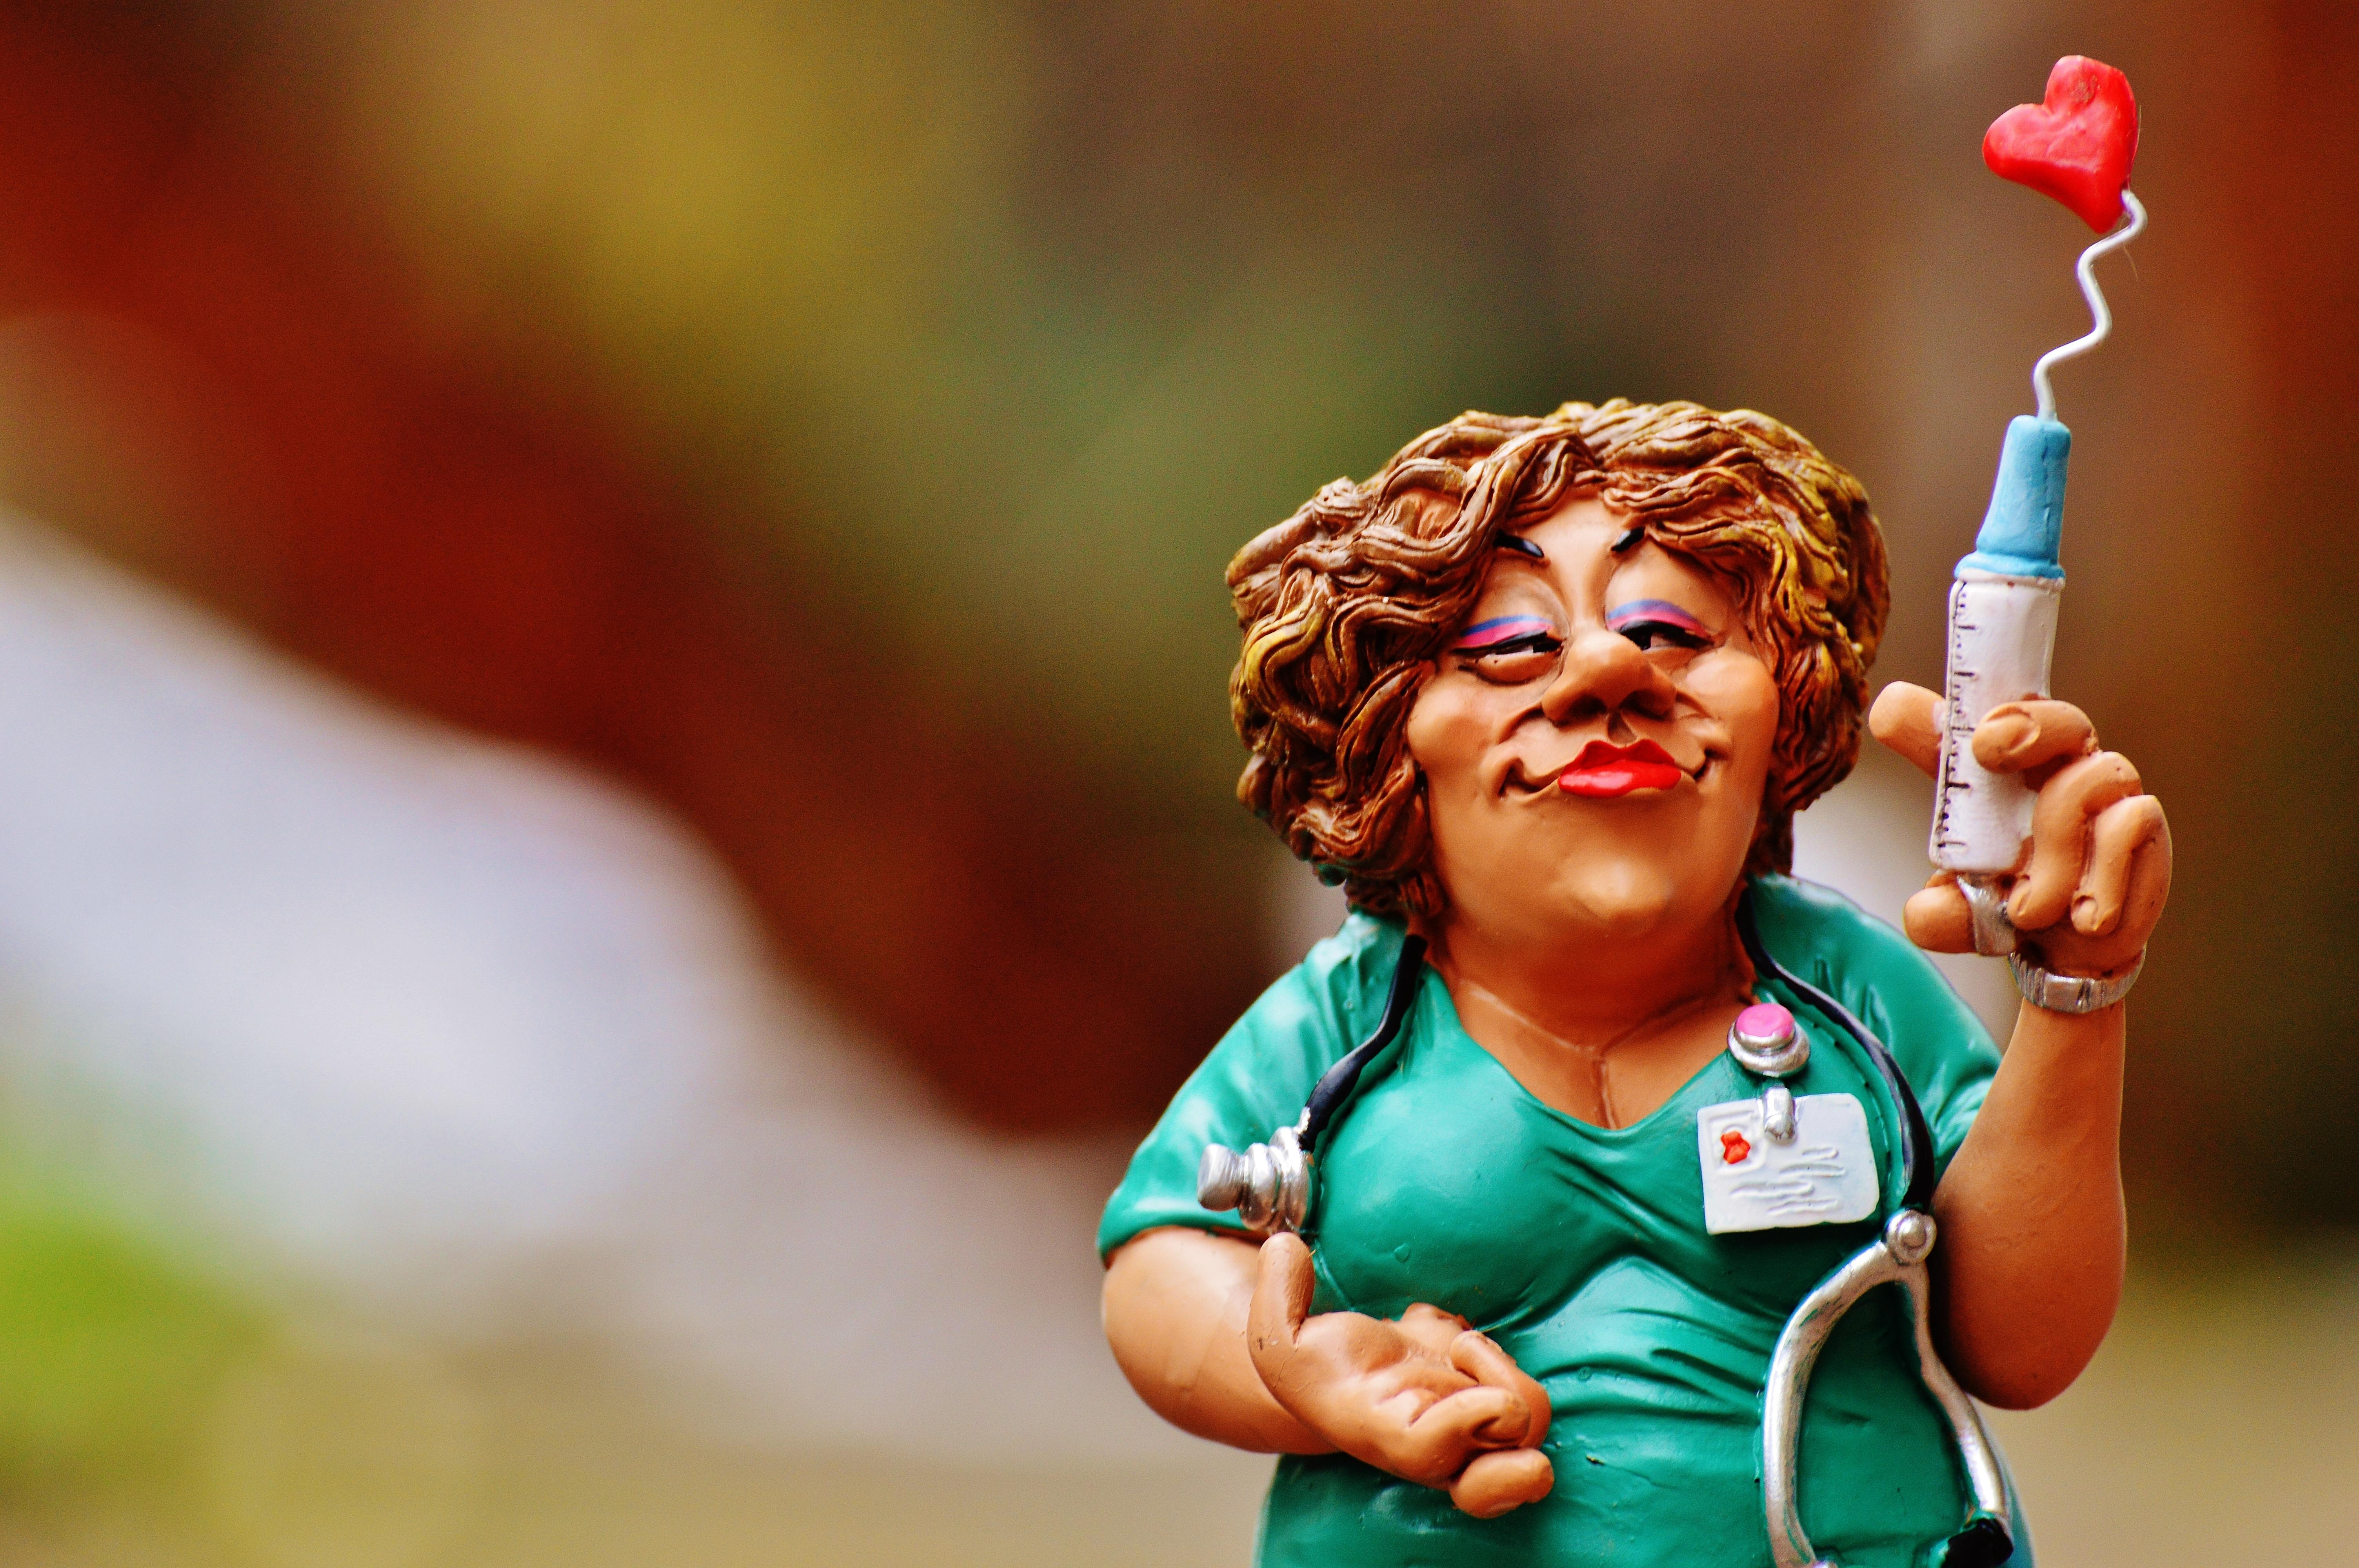 nurse 1159315 - Pedia Checkup: Chickenpox Vaccine